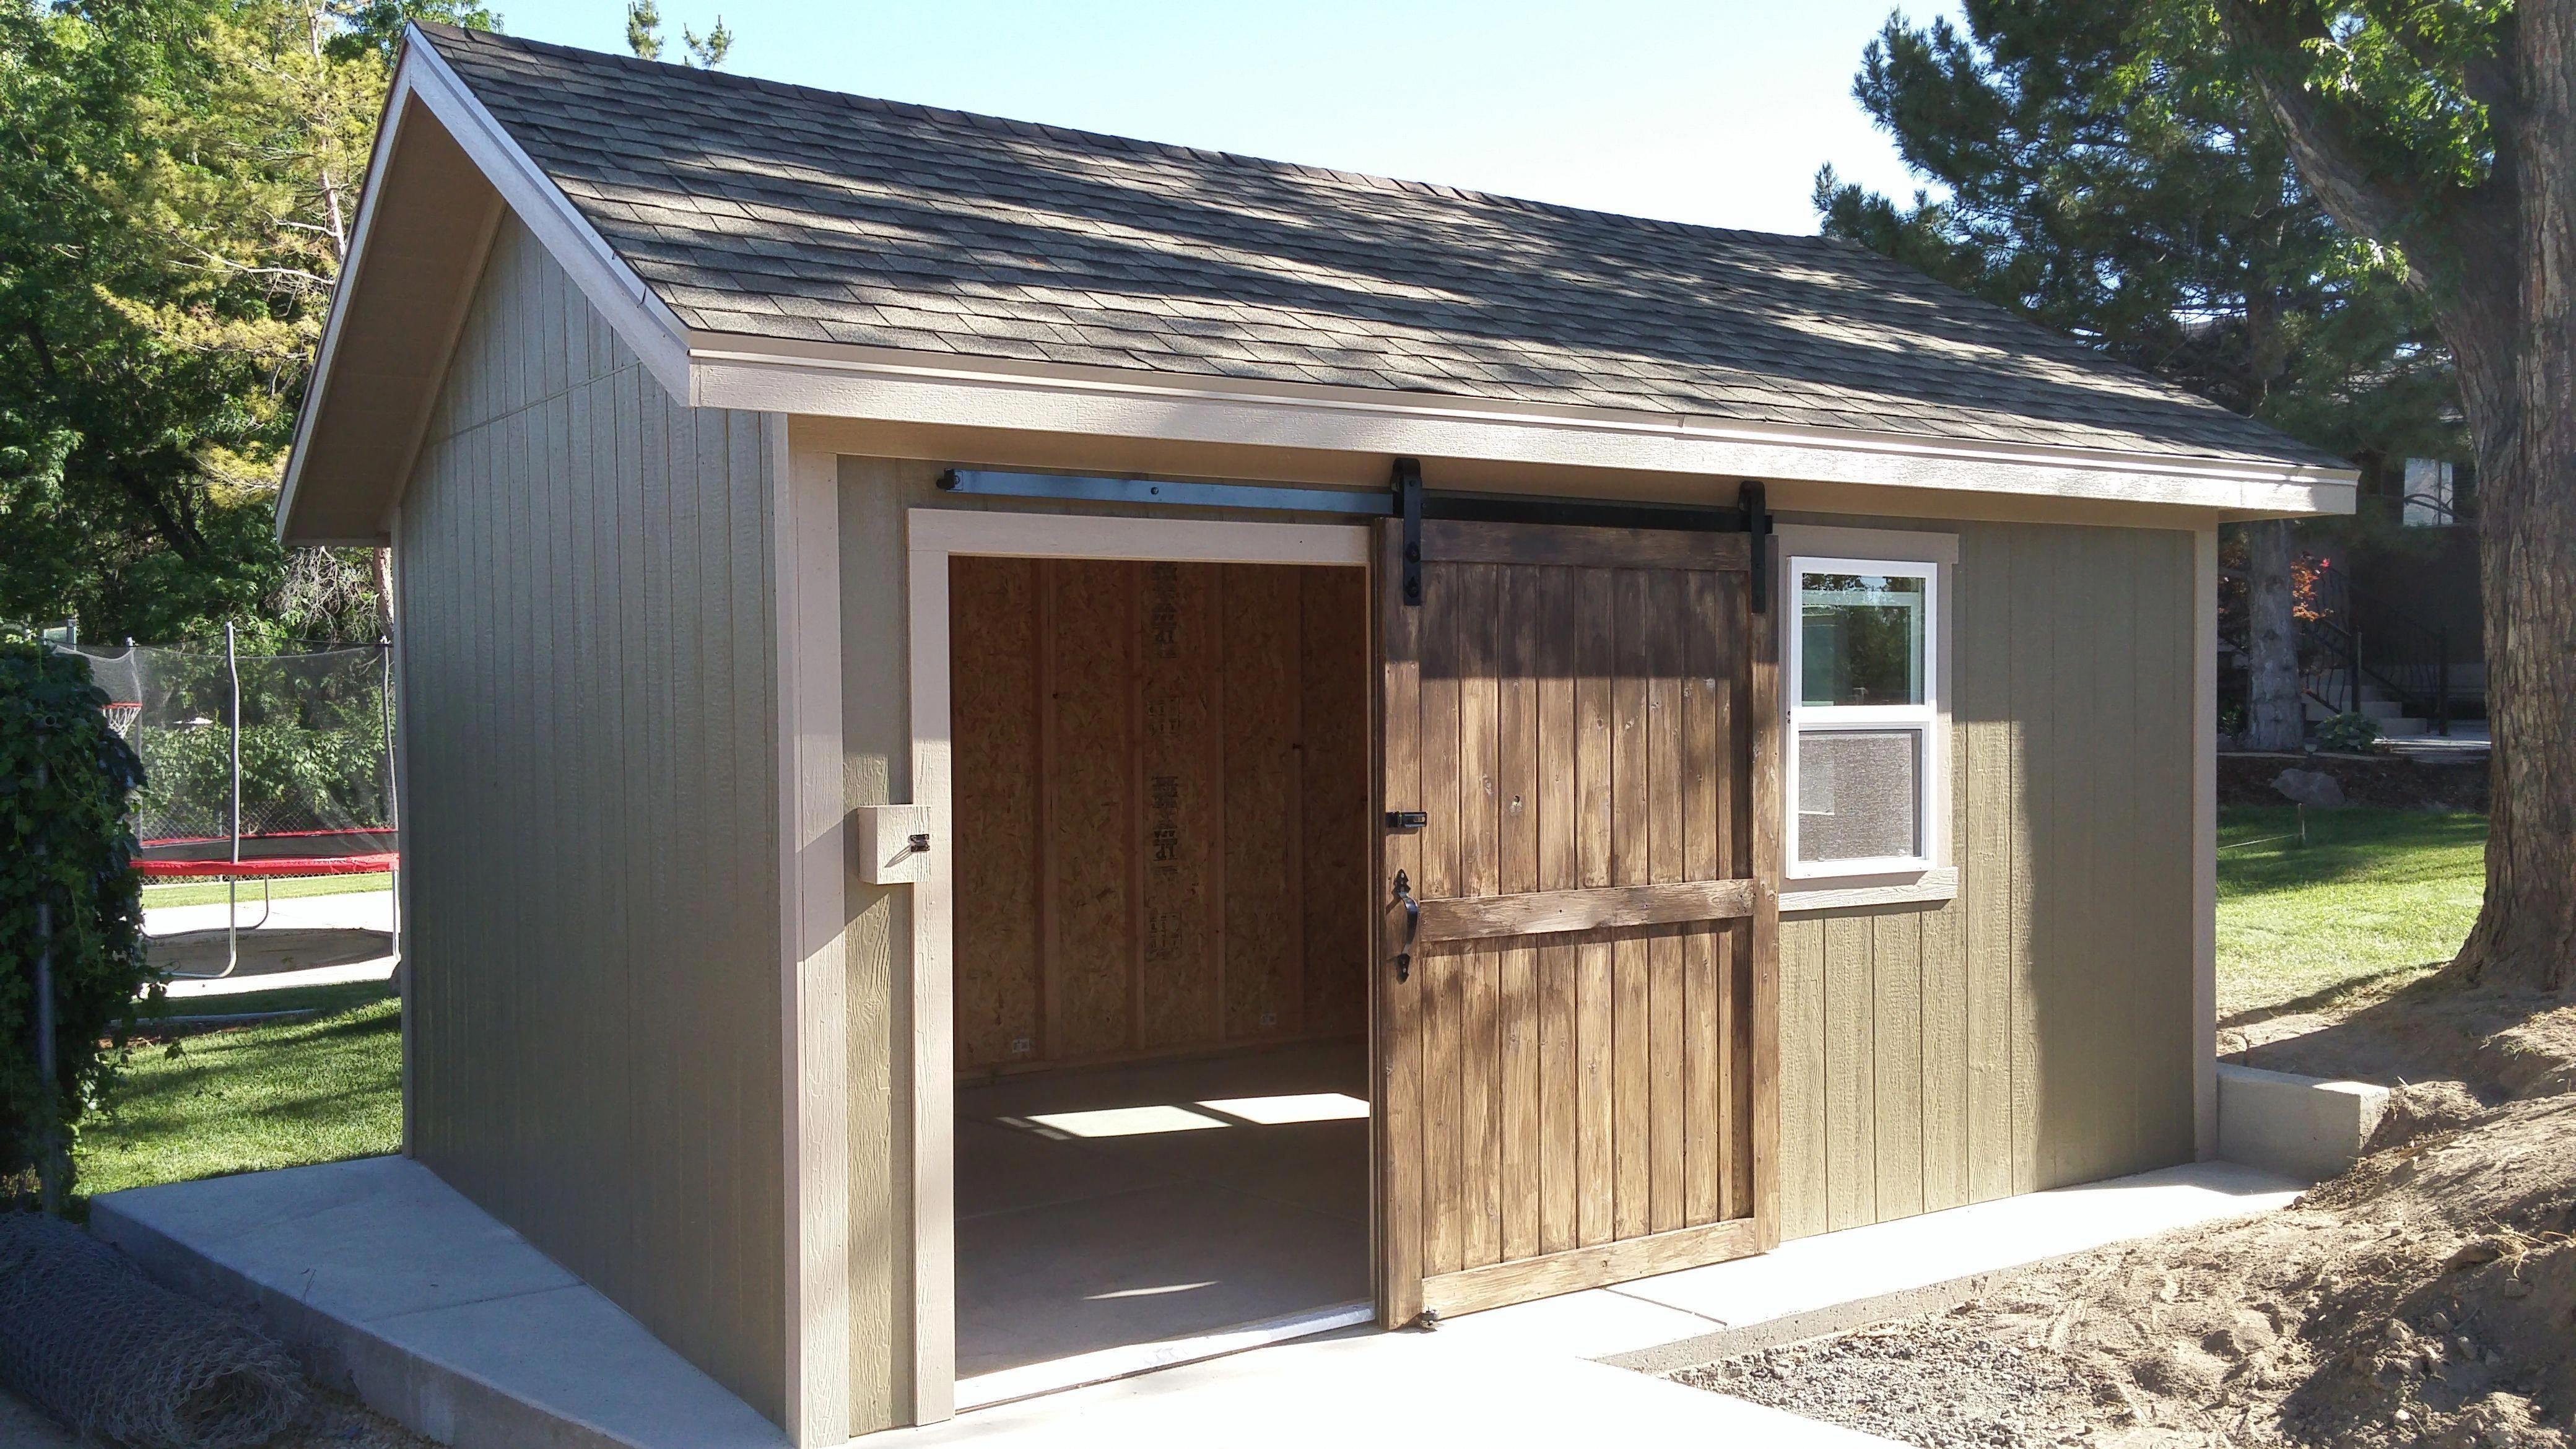 Old Barn Doors For Sale Sliding Doors For Barns Barn Style Bedroom Door 20190422 Exterior Barn Doors Exterior Barn Door Hardware Barn Door